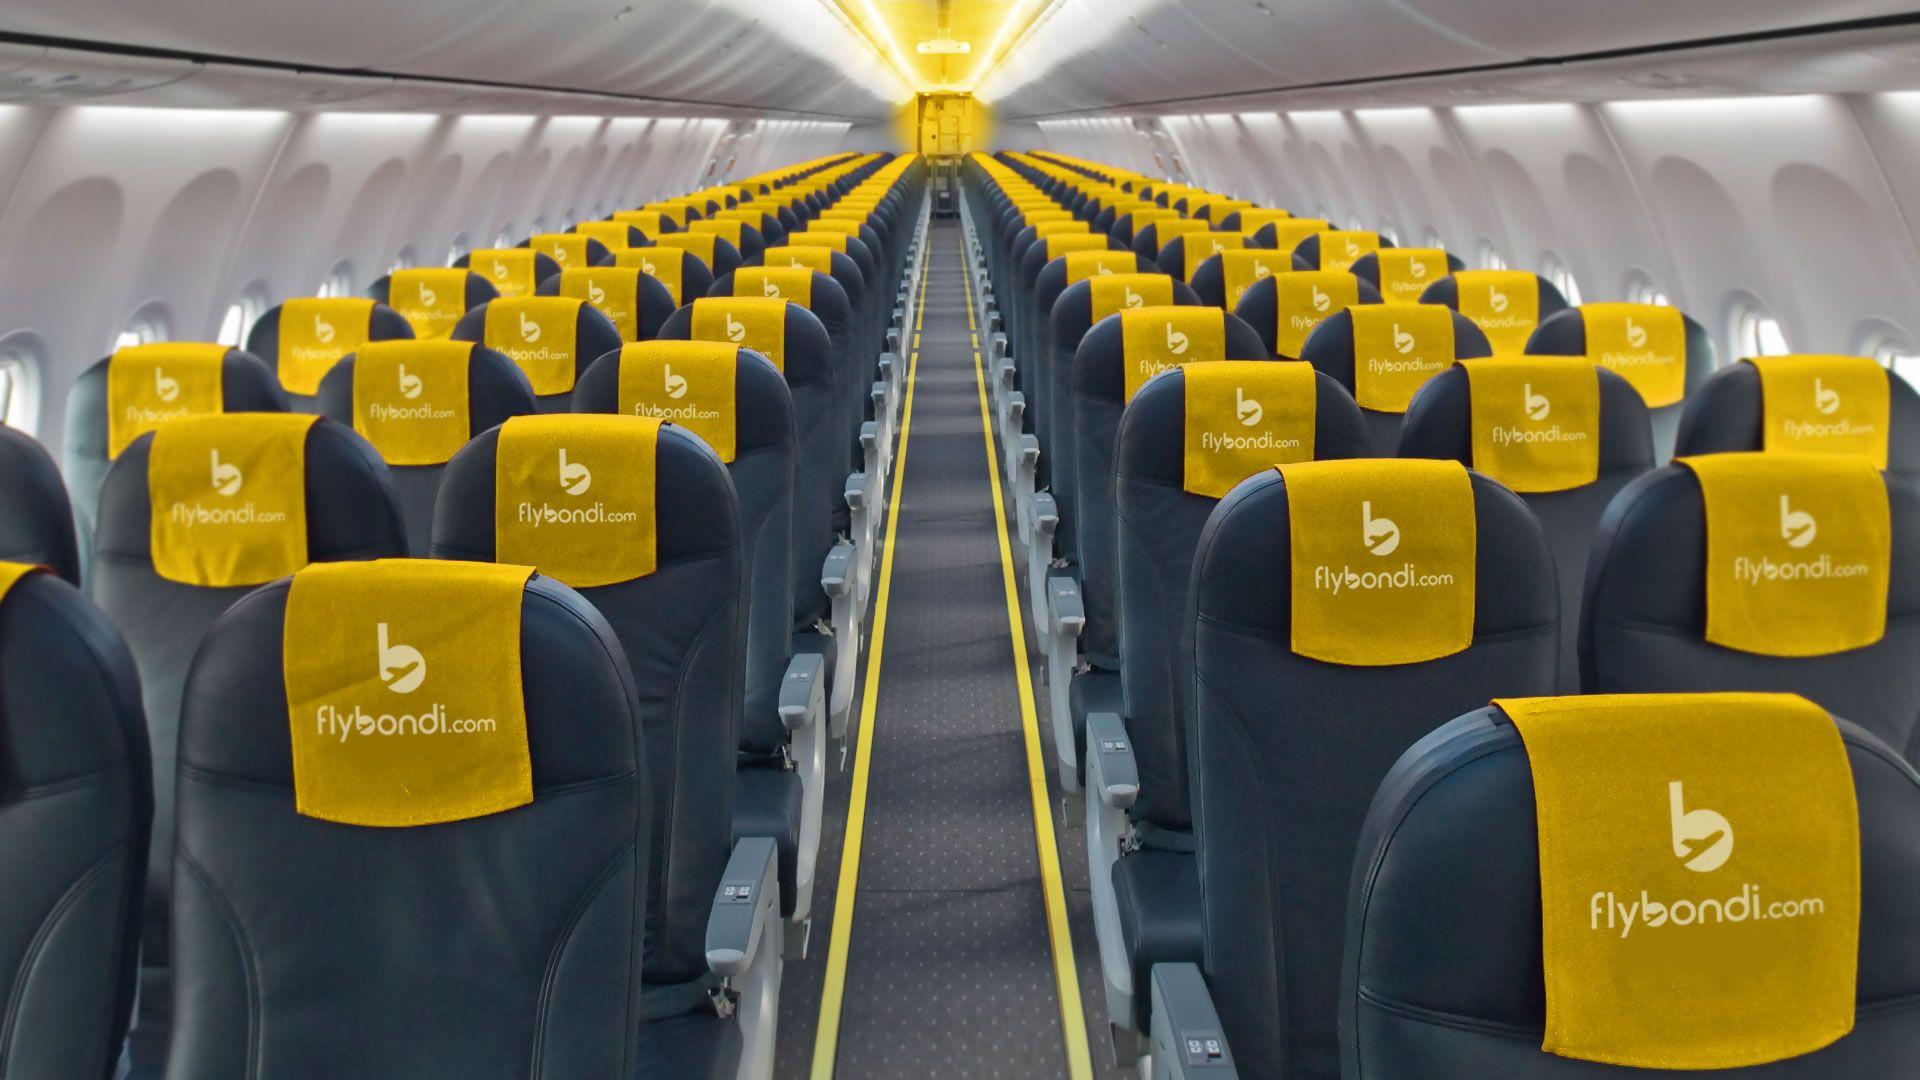 Flybondi lanza vuelos a $ 1 durante todo el día en Argentina